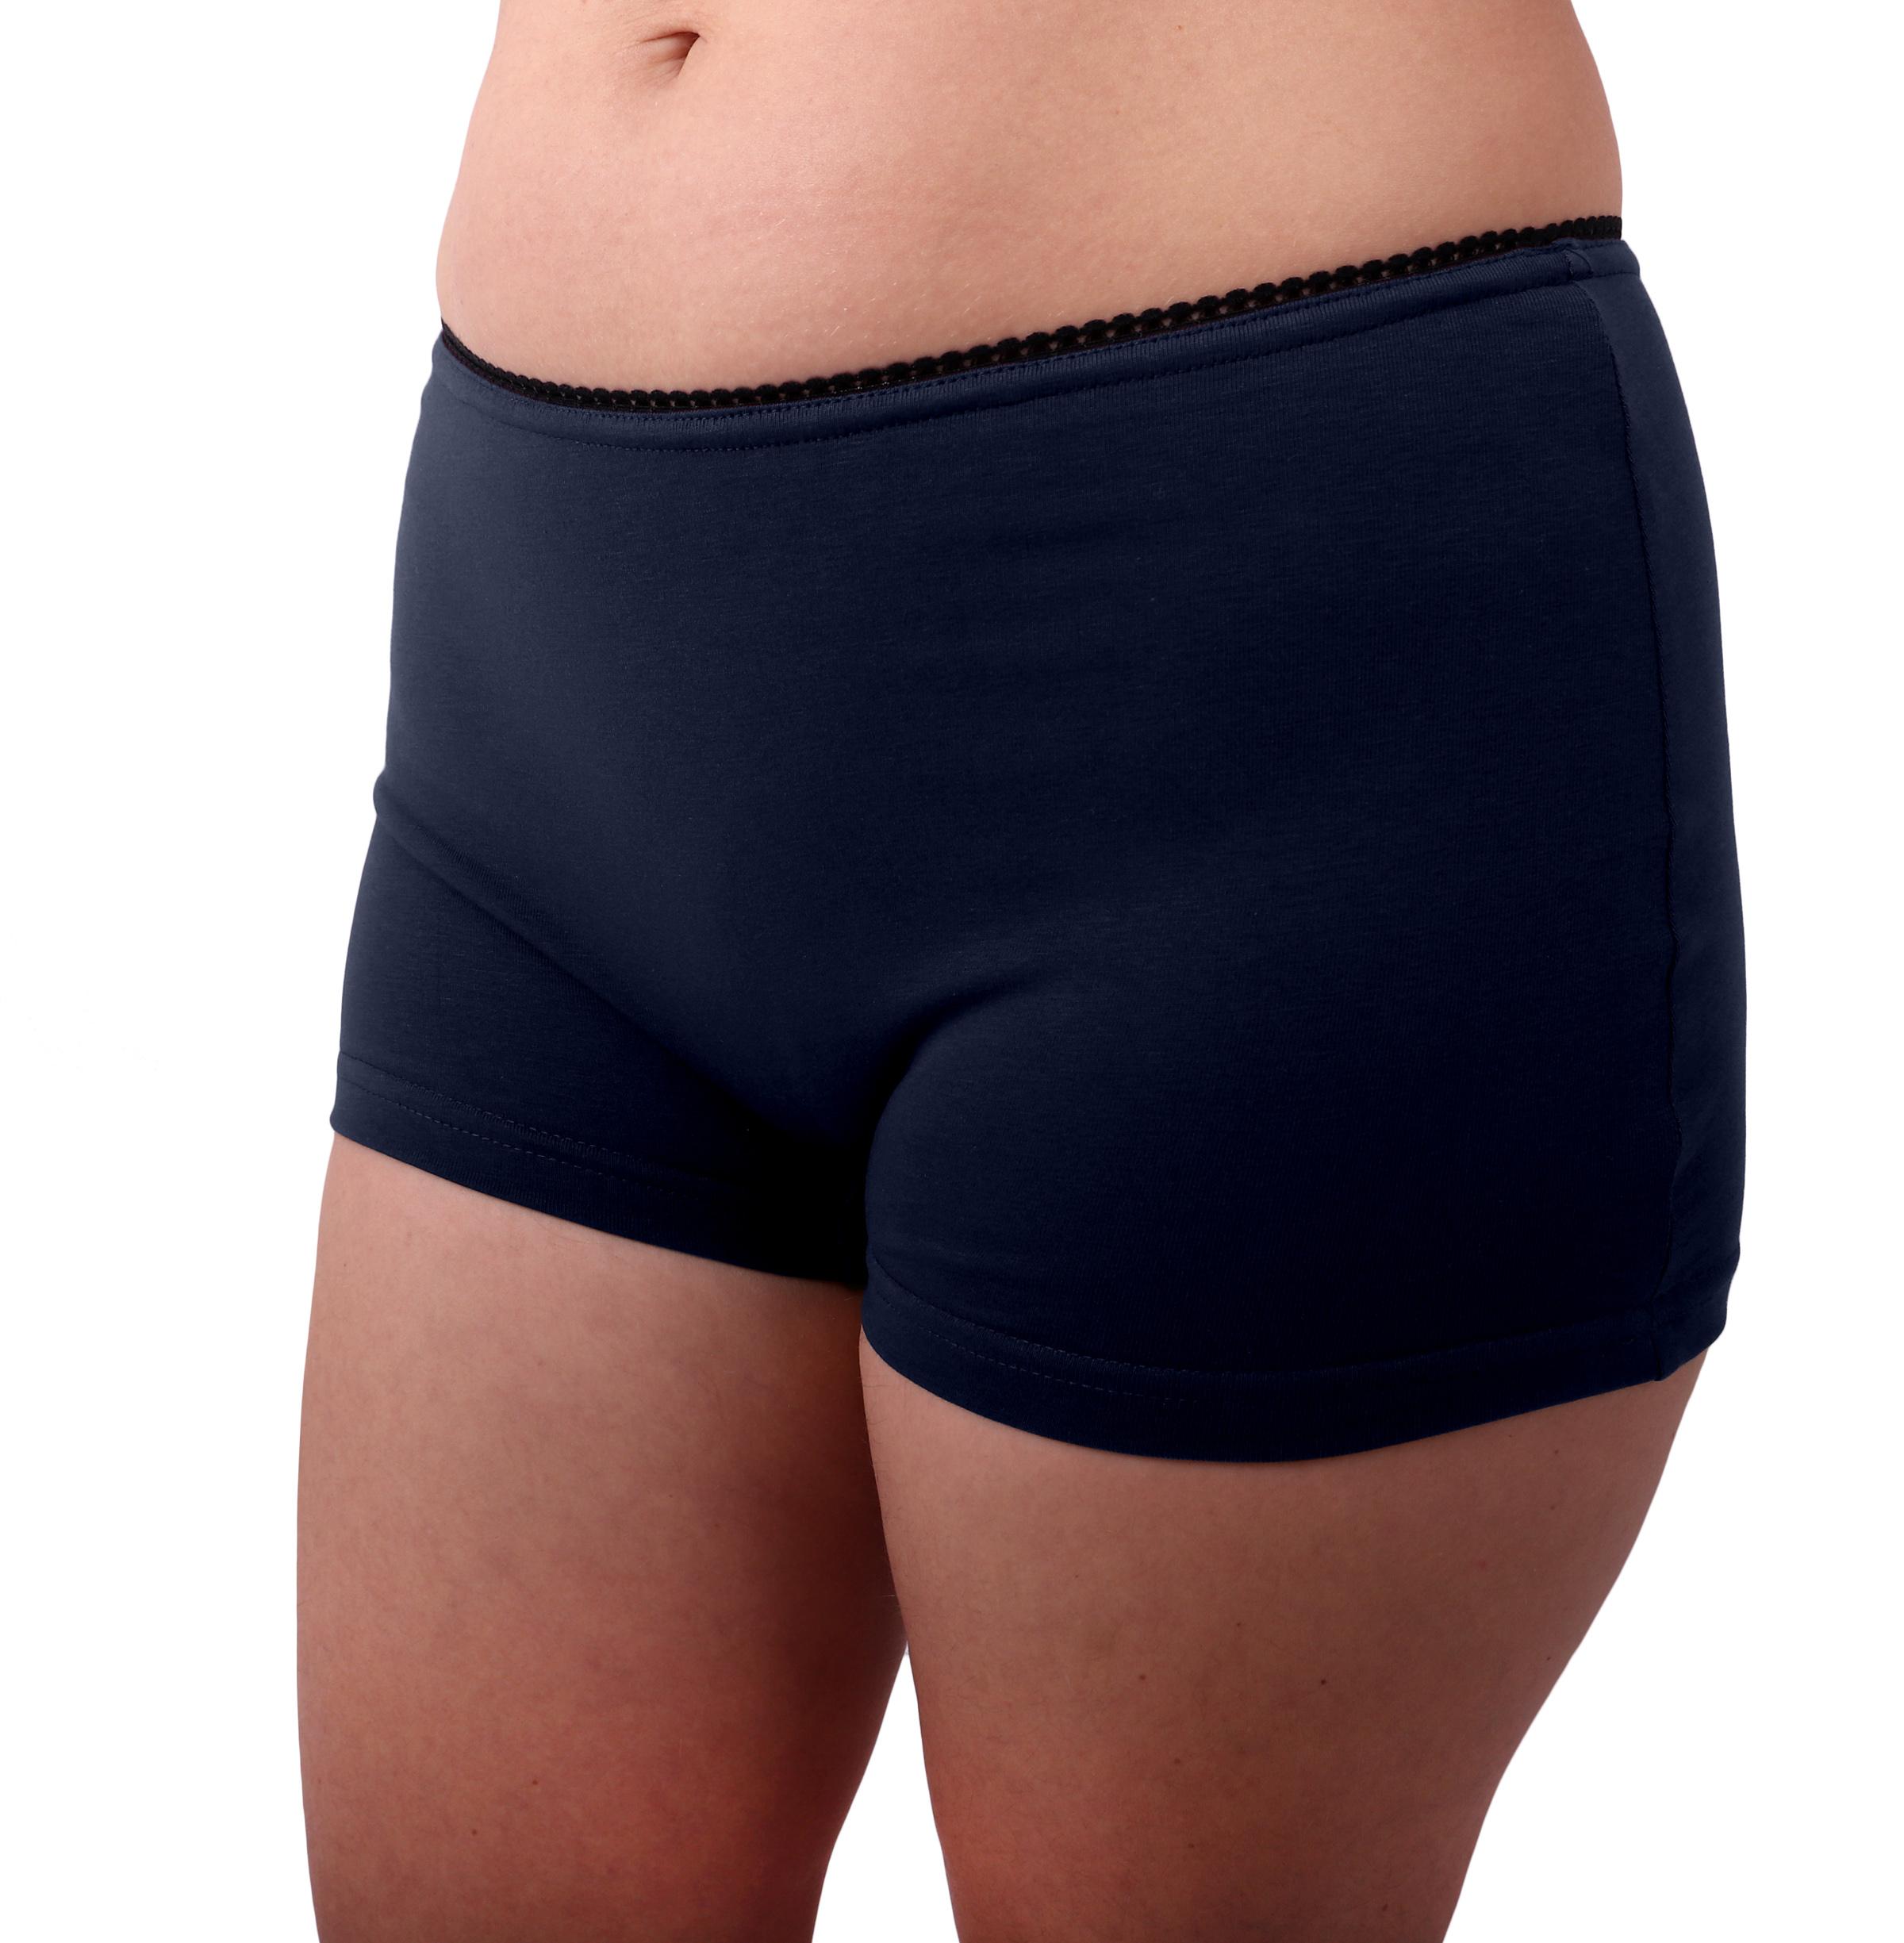 Dámské kalhotky bavlněné, nohavičkové, tmavě modré, 48